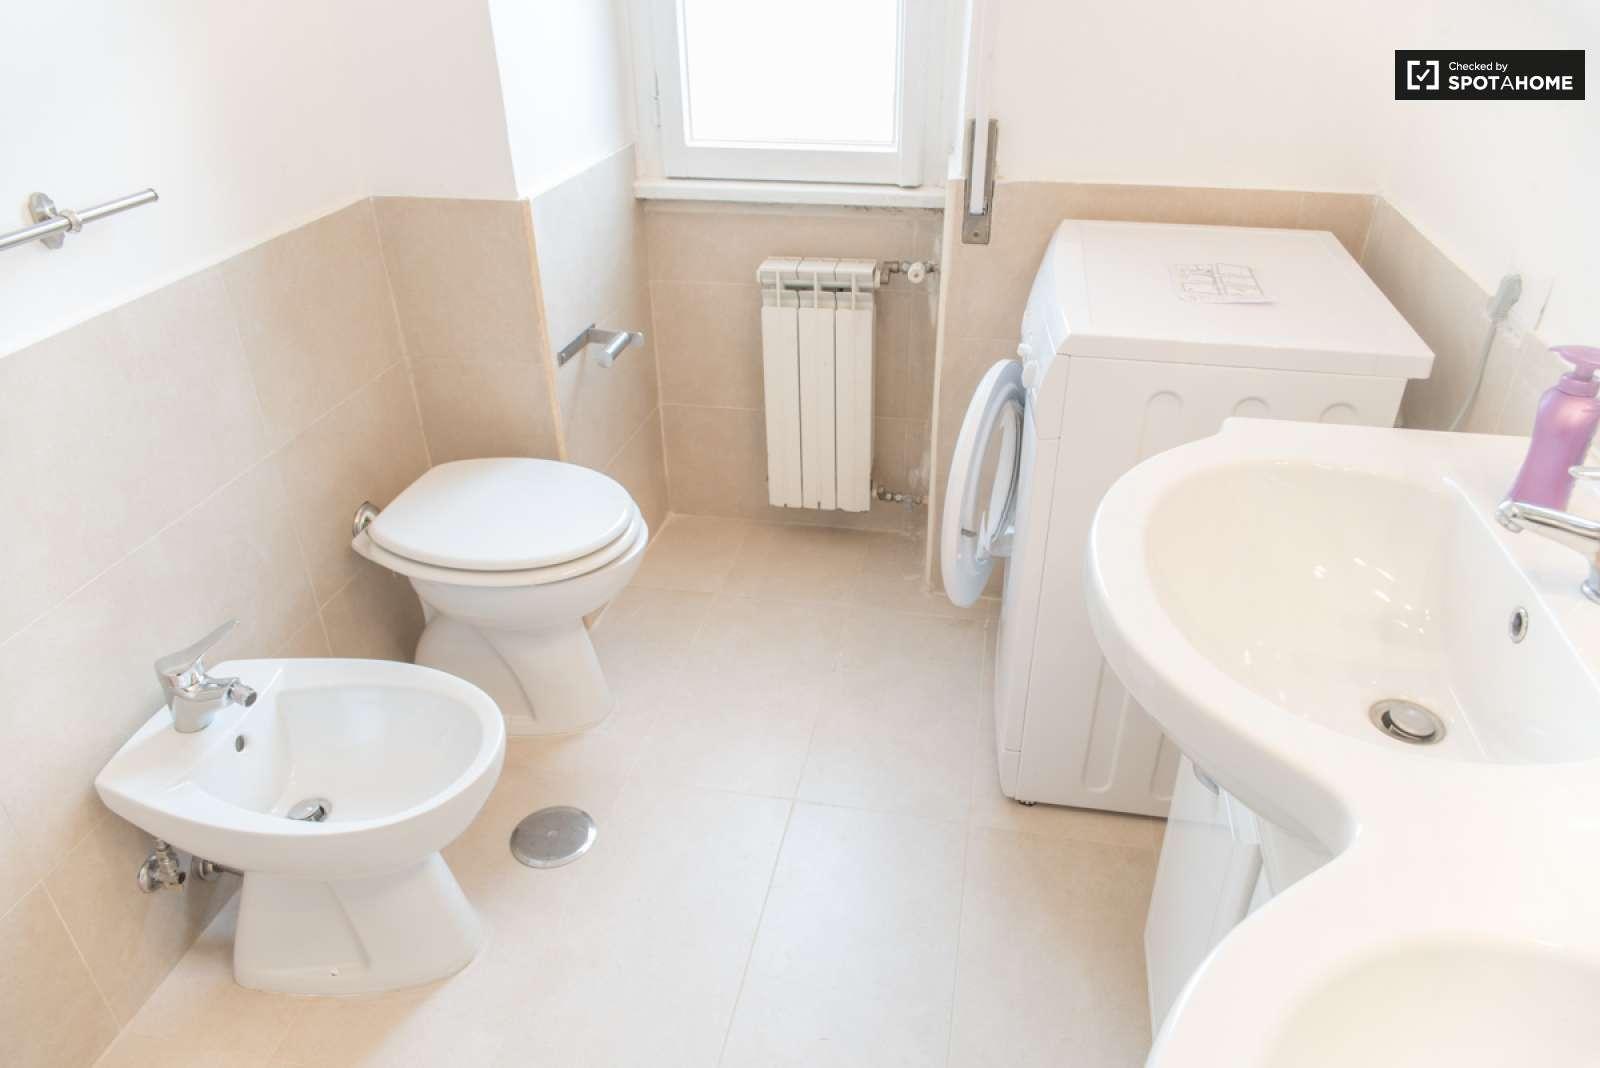 Stanza Ampia In Un Appartamento Portuense Roma Ref